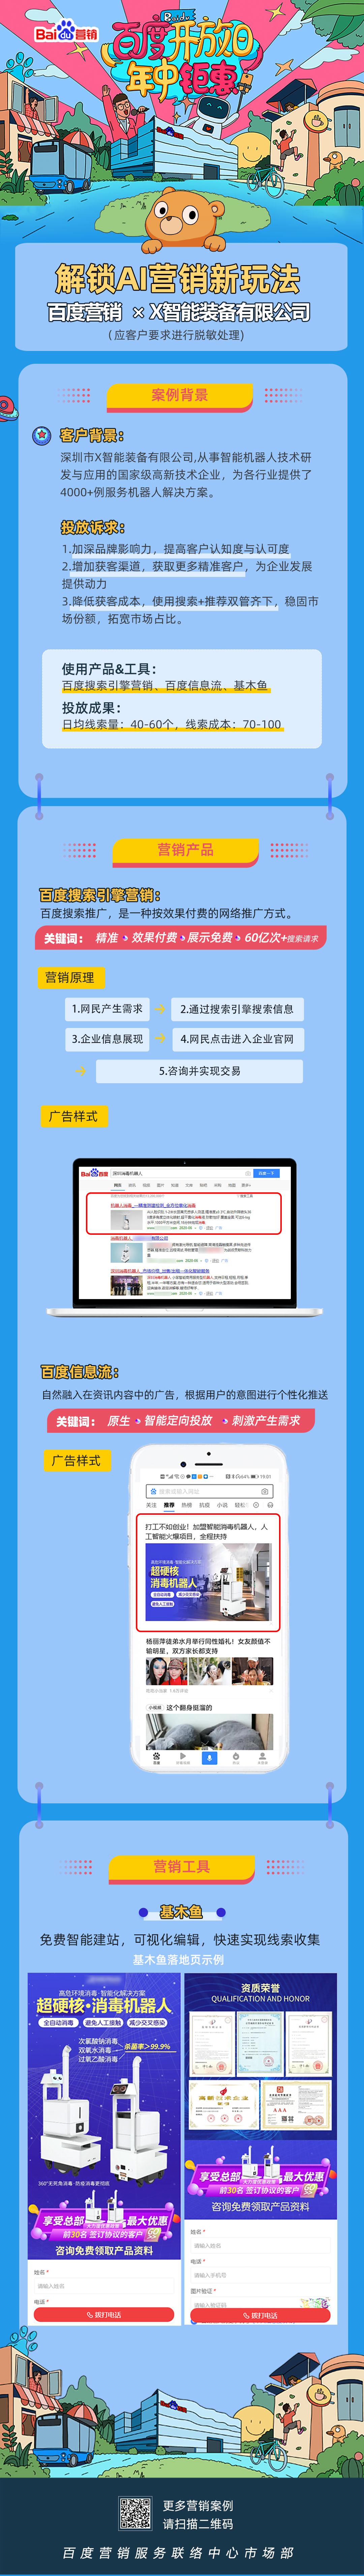 深圳市X智能装备有限公司.jpg